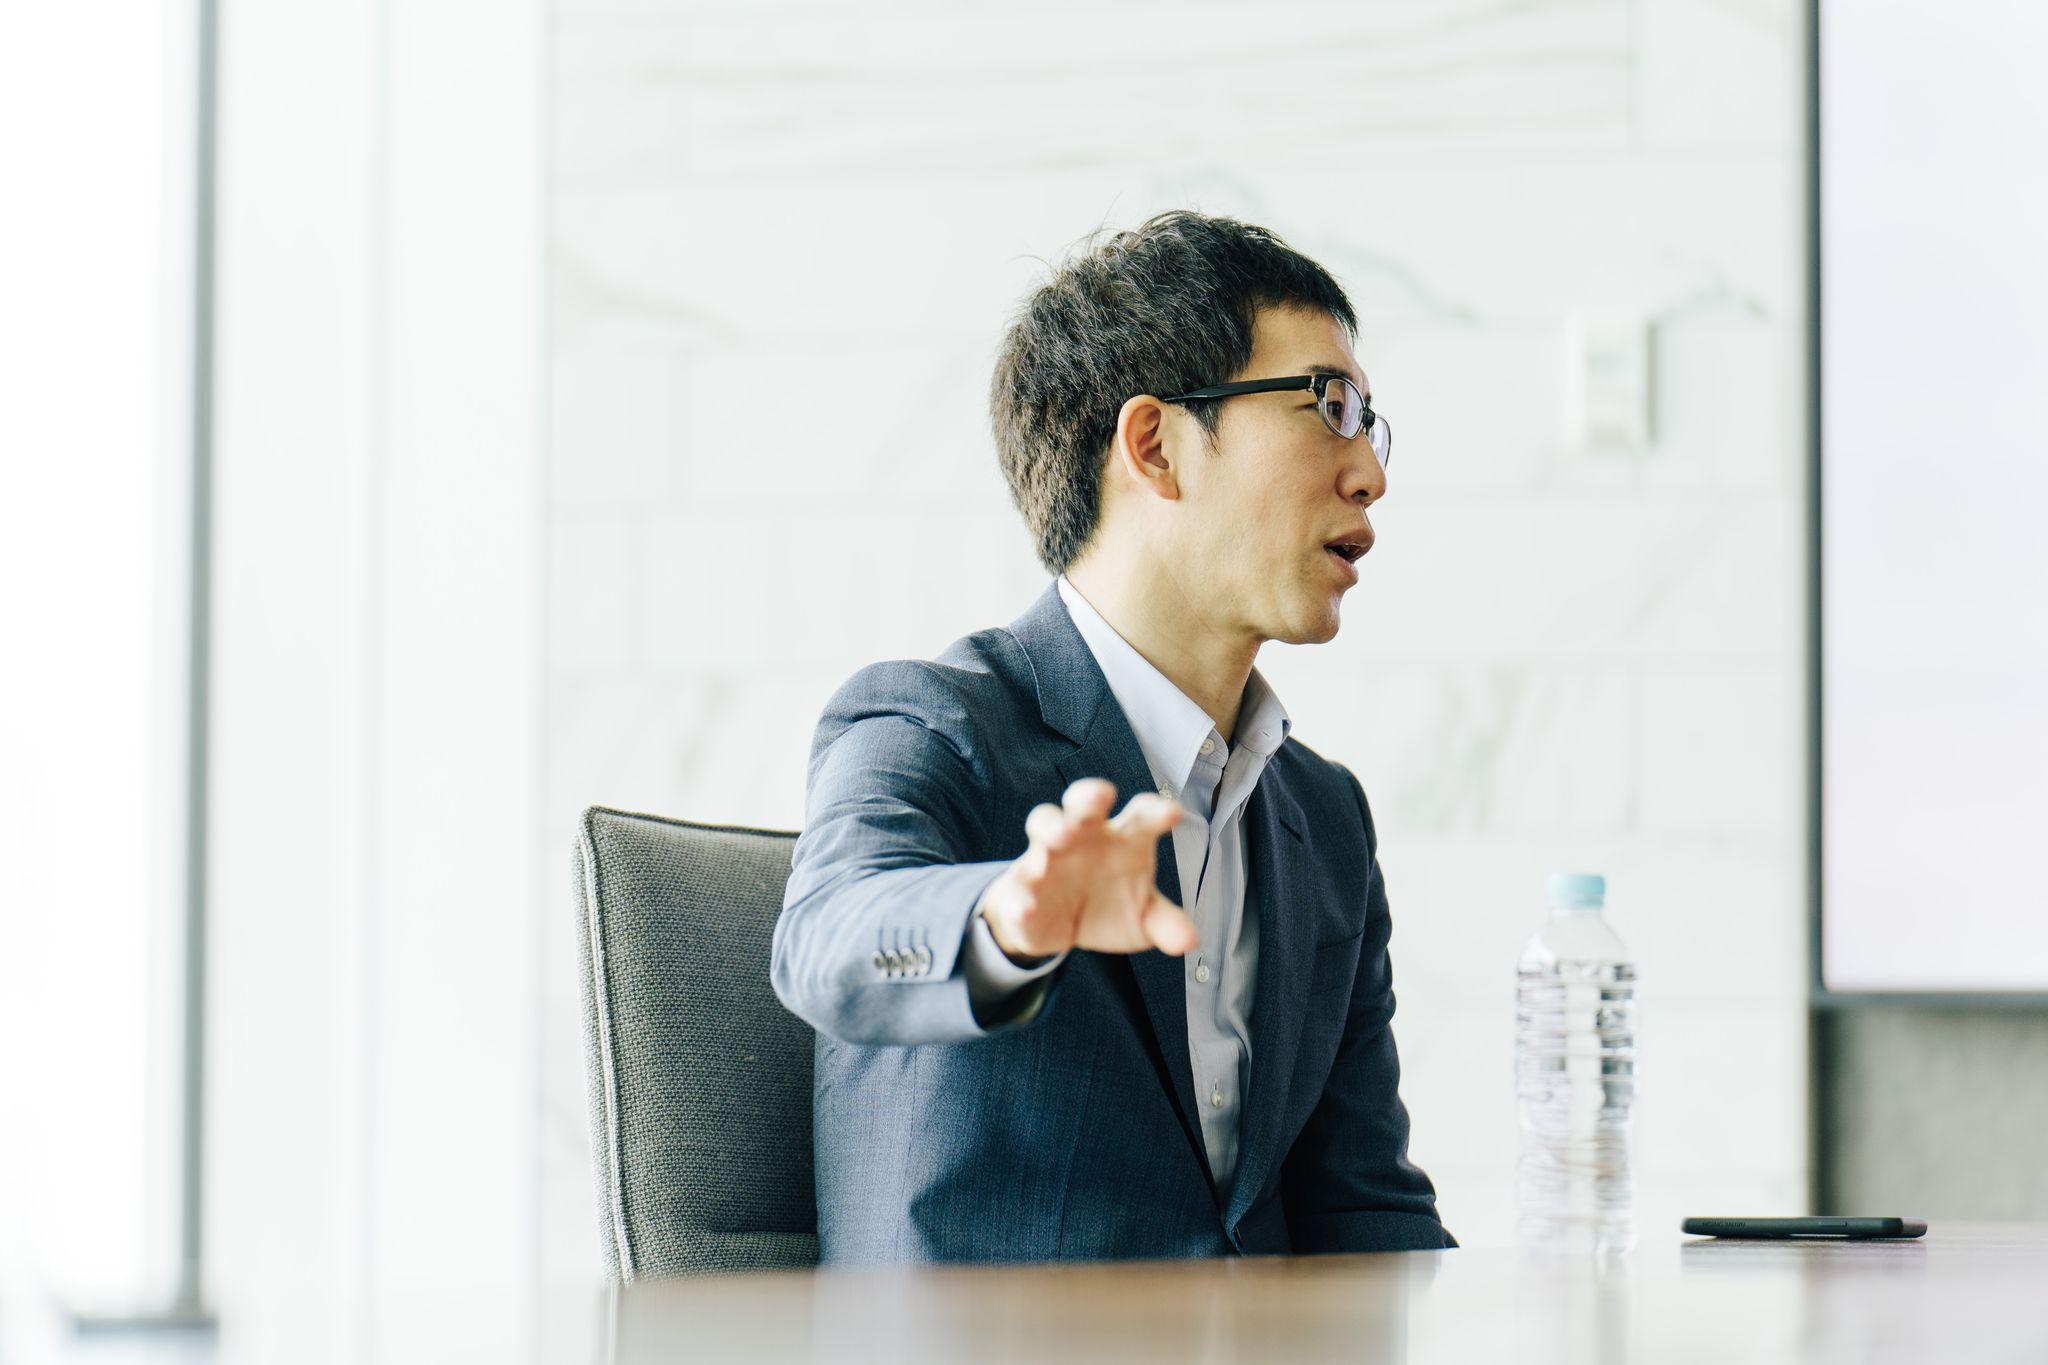 鈴与株式会社 代表取締役社長 鈴木 健一郎氏